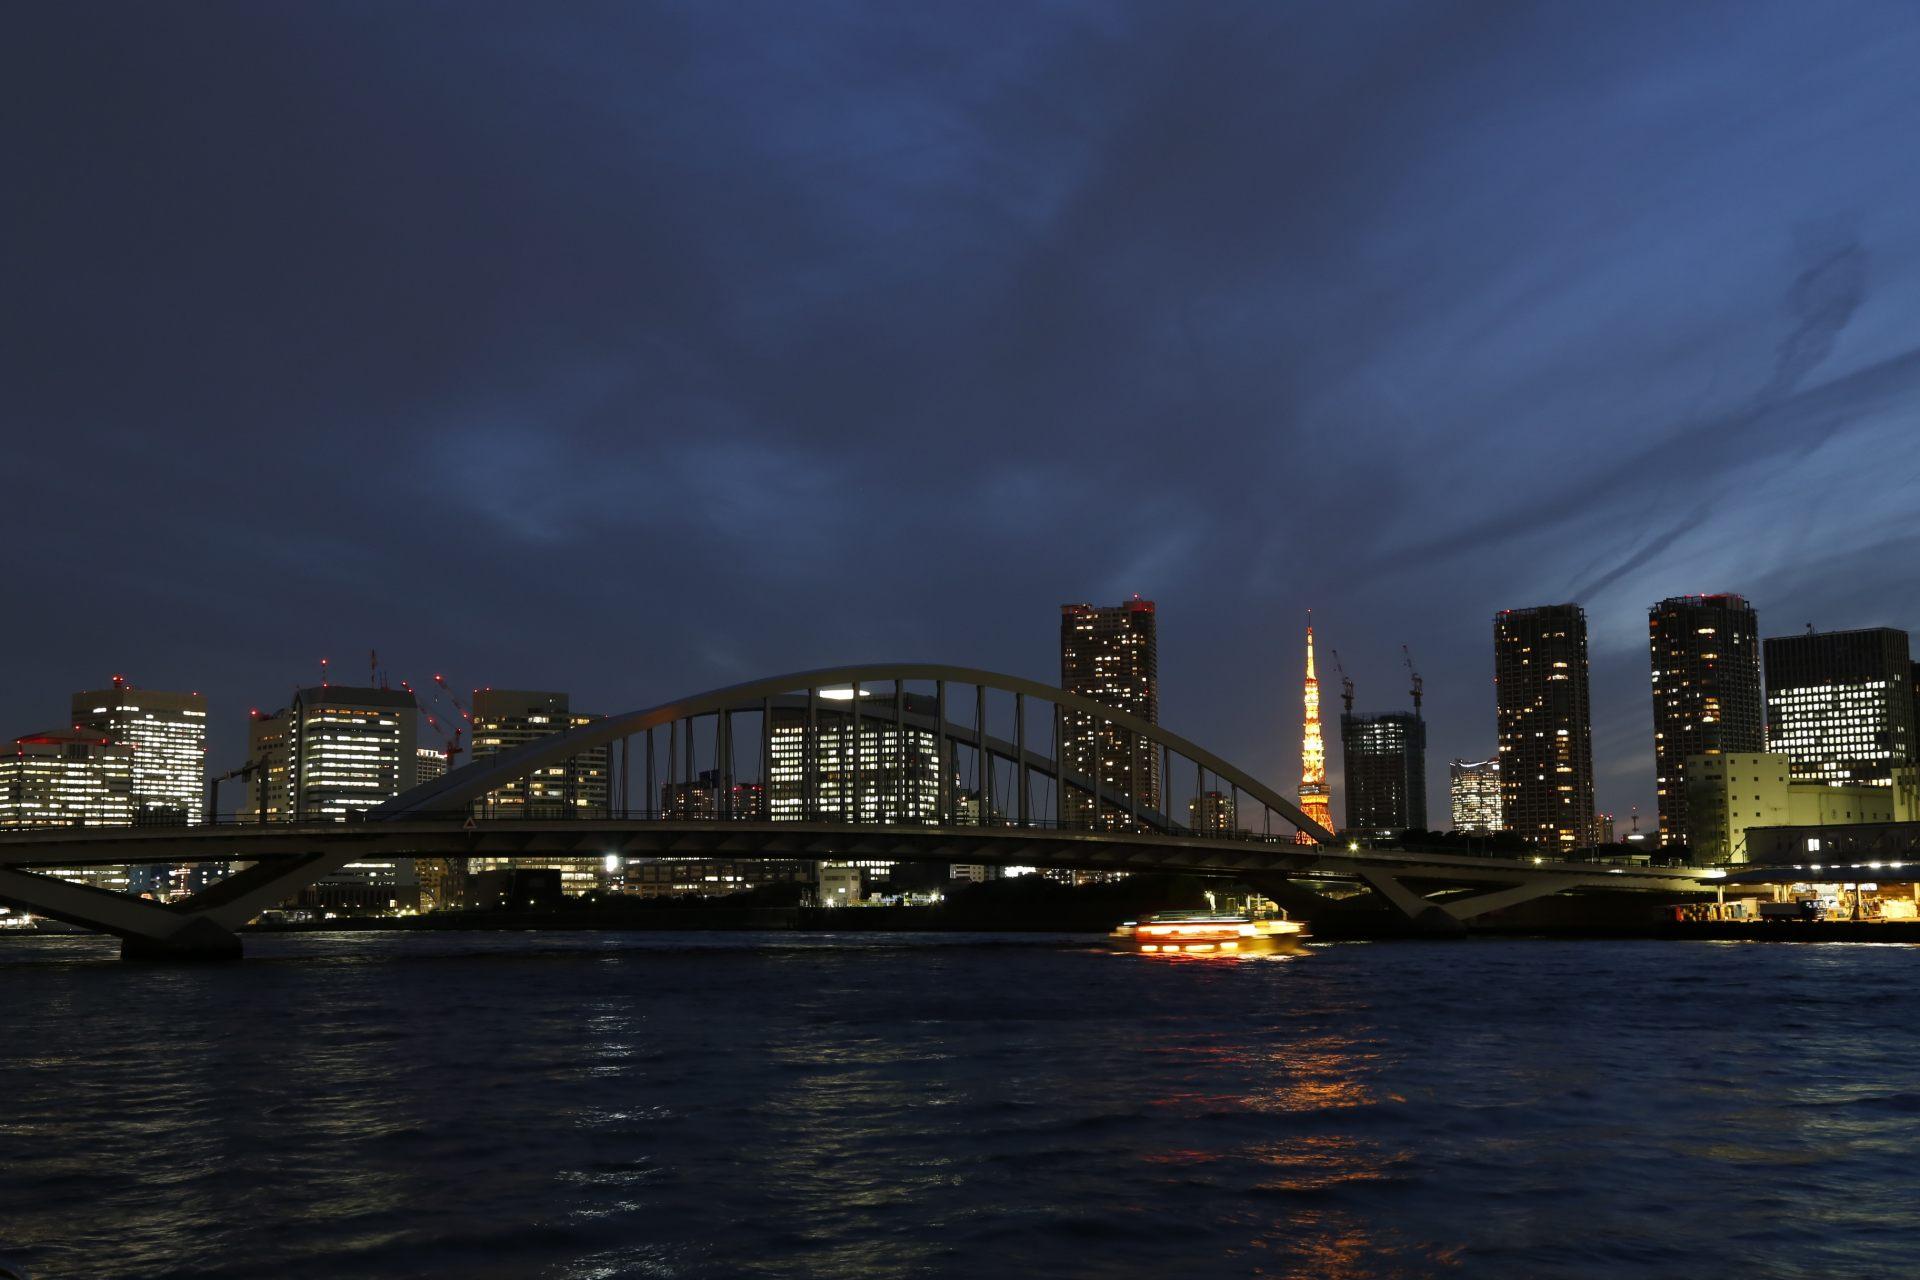 Night View of Kachidoki Bridge